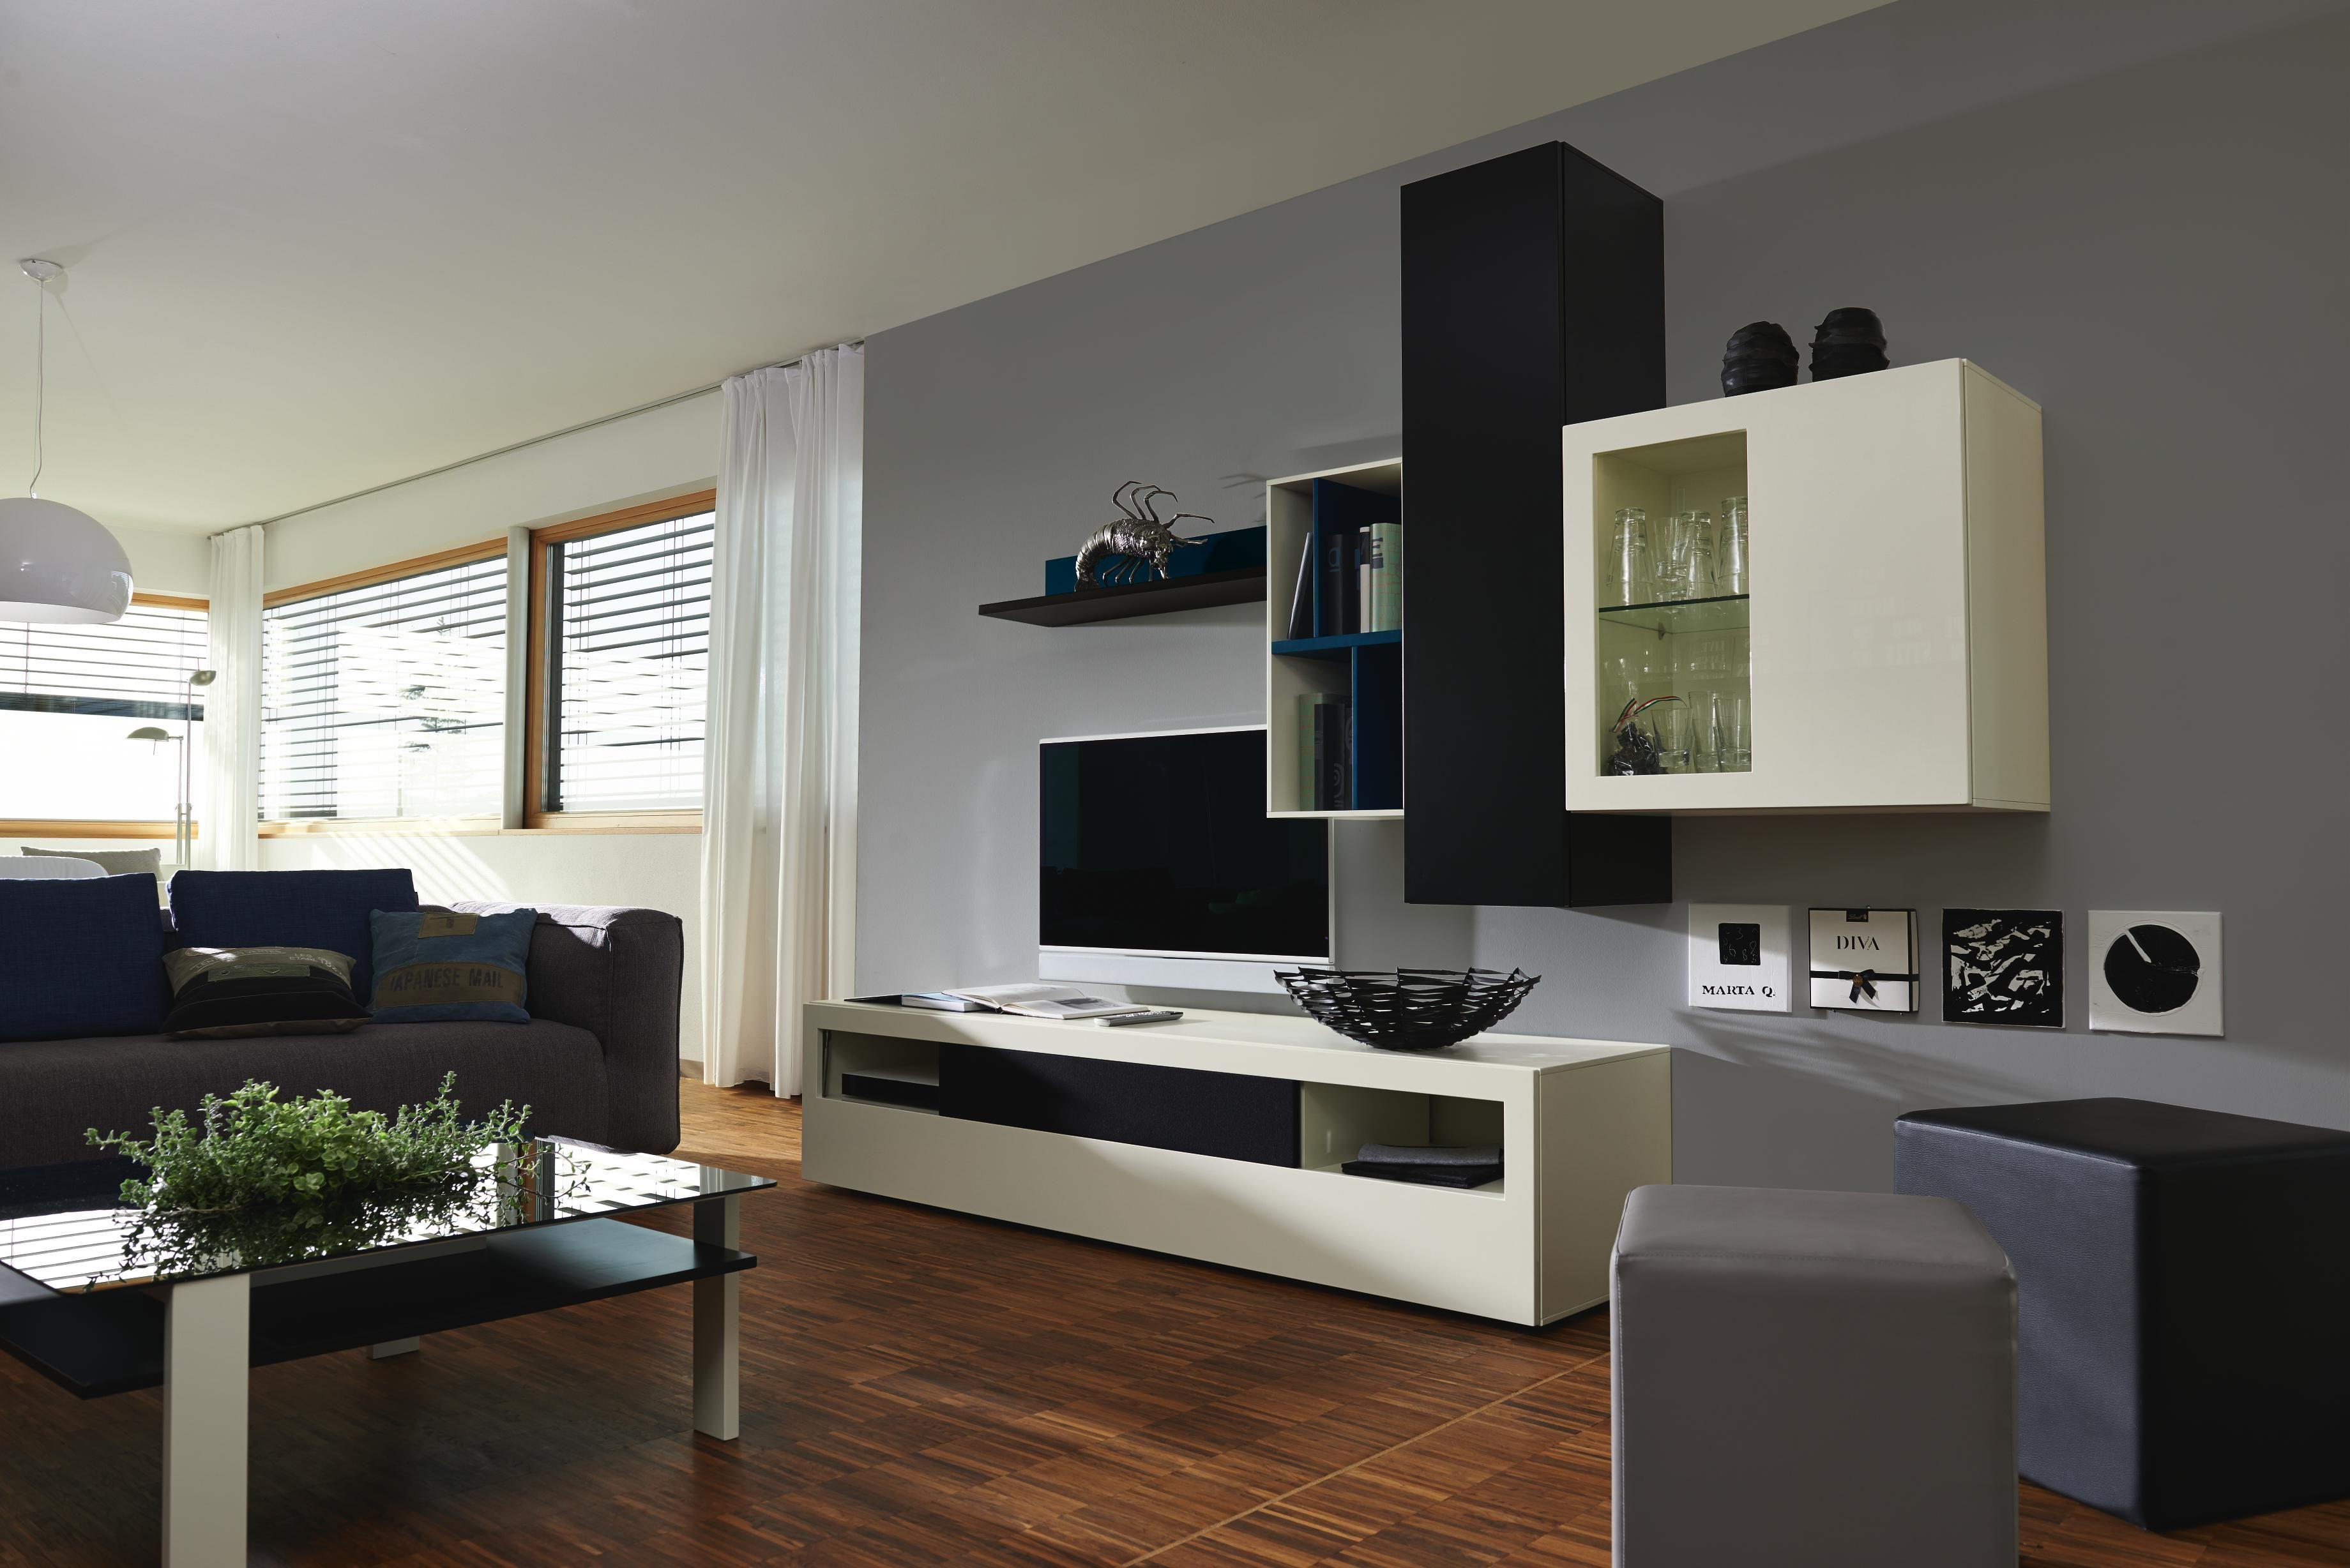 Moderne Wohnwand Von HÜlsta By Now Für Exklusives Flair